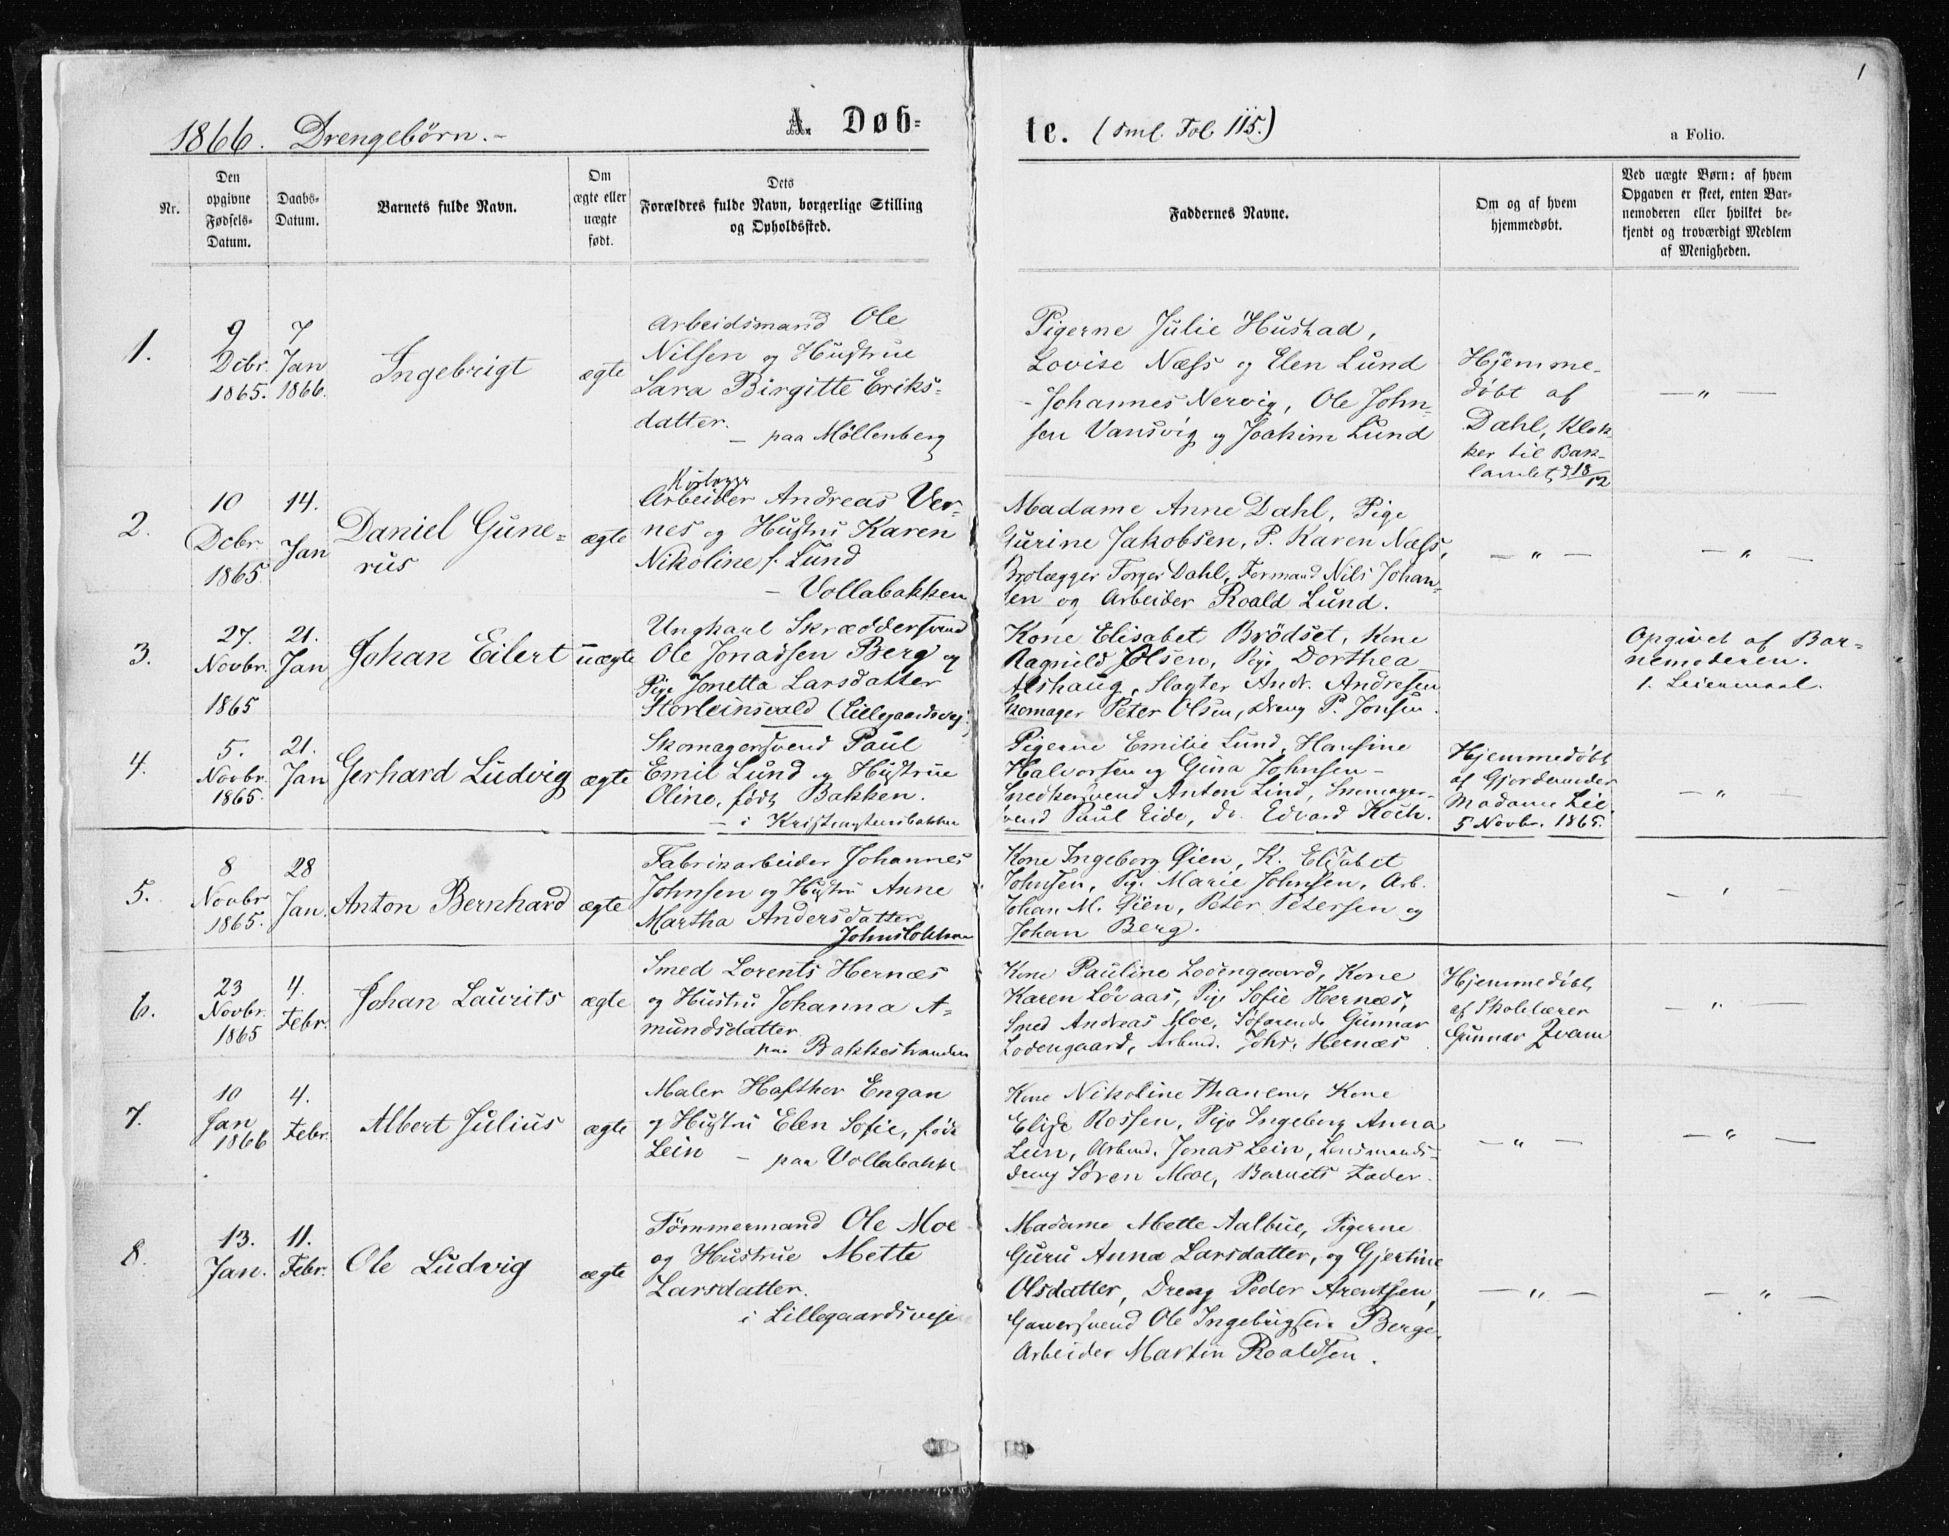 SAT, Ministerialprotokoller, klokkerbøker og fødselsregistre - Sør-Trøndelag, 604/L0186: Ministerialbok nr. 604A07, 1866-1877, s. 1